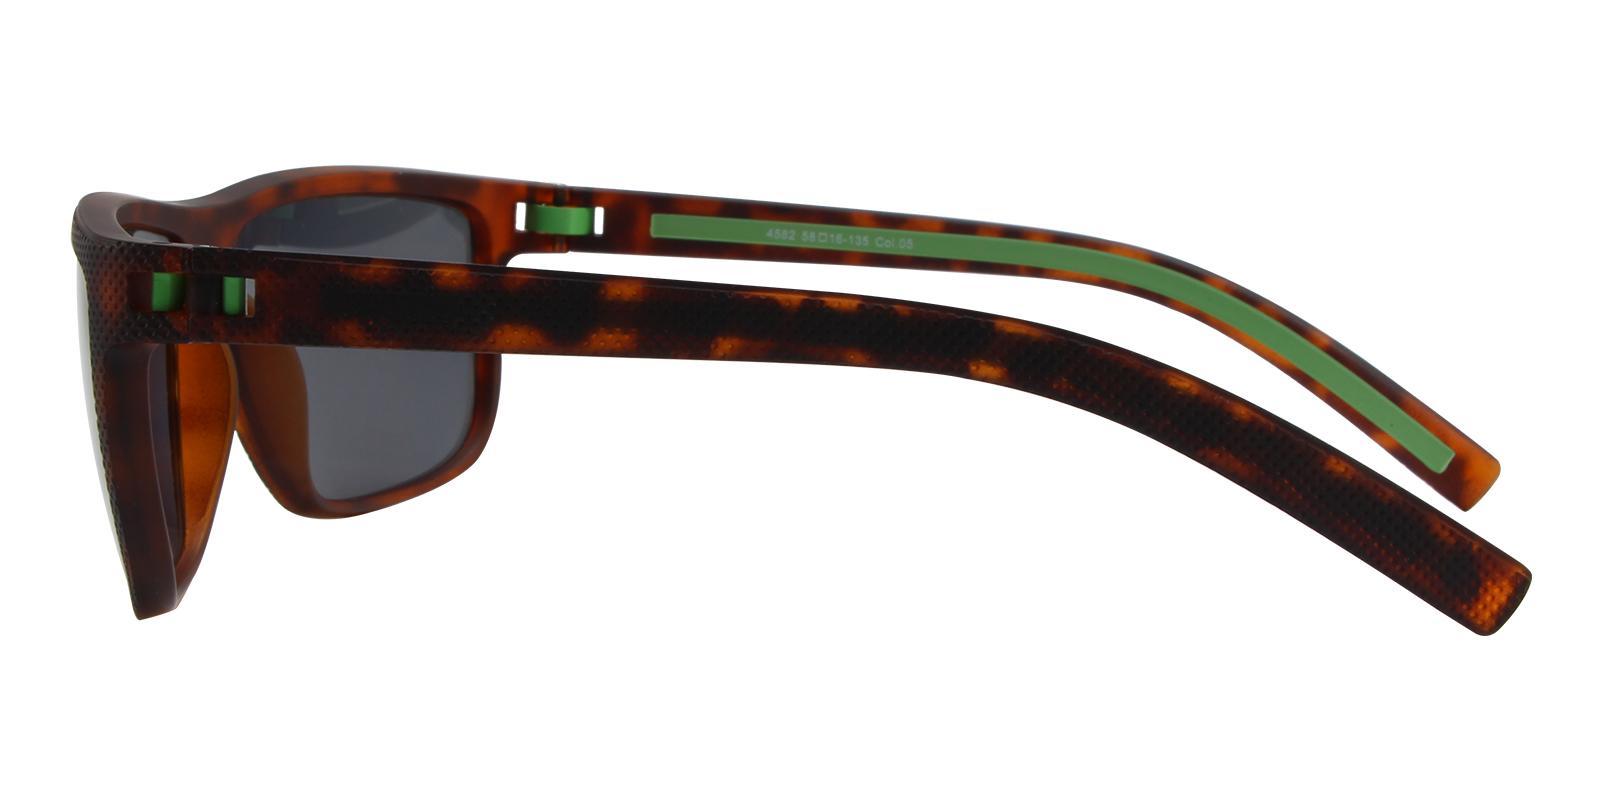 Tropic Tortoise TR SpringHinges , Sunglasses , UniversalBridgeFit Frames from ABBE Glasses